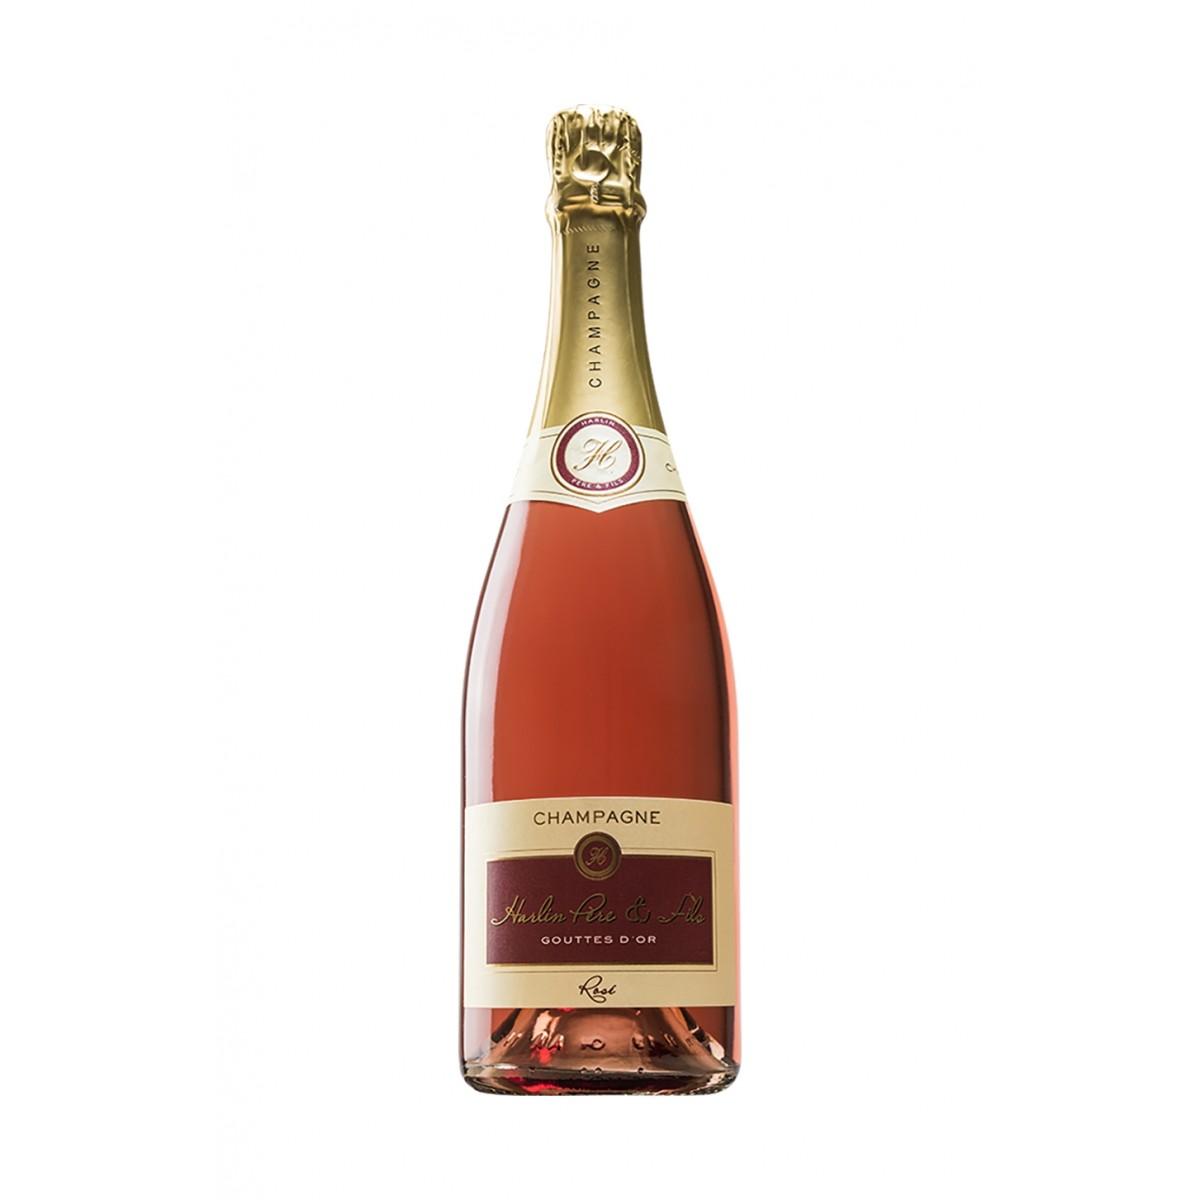 Champagne Cuvée Gouttes d'Or Rosé - Harlin Père et Fils